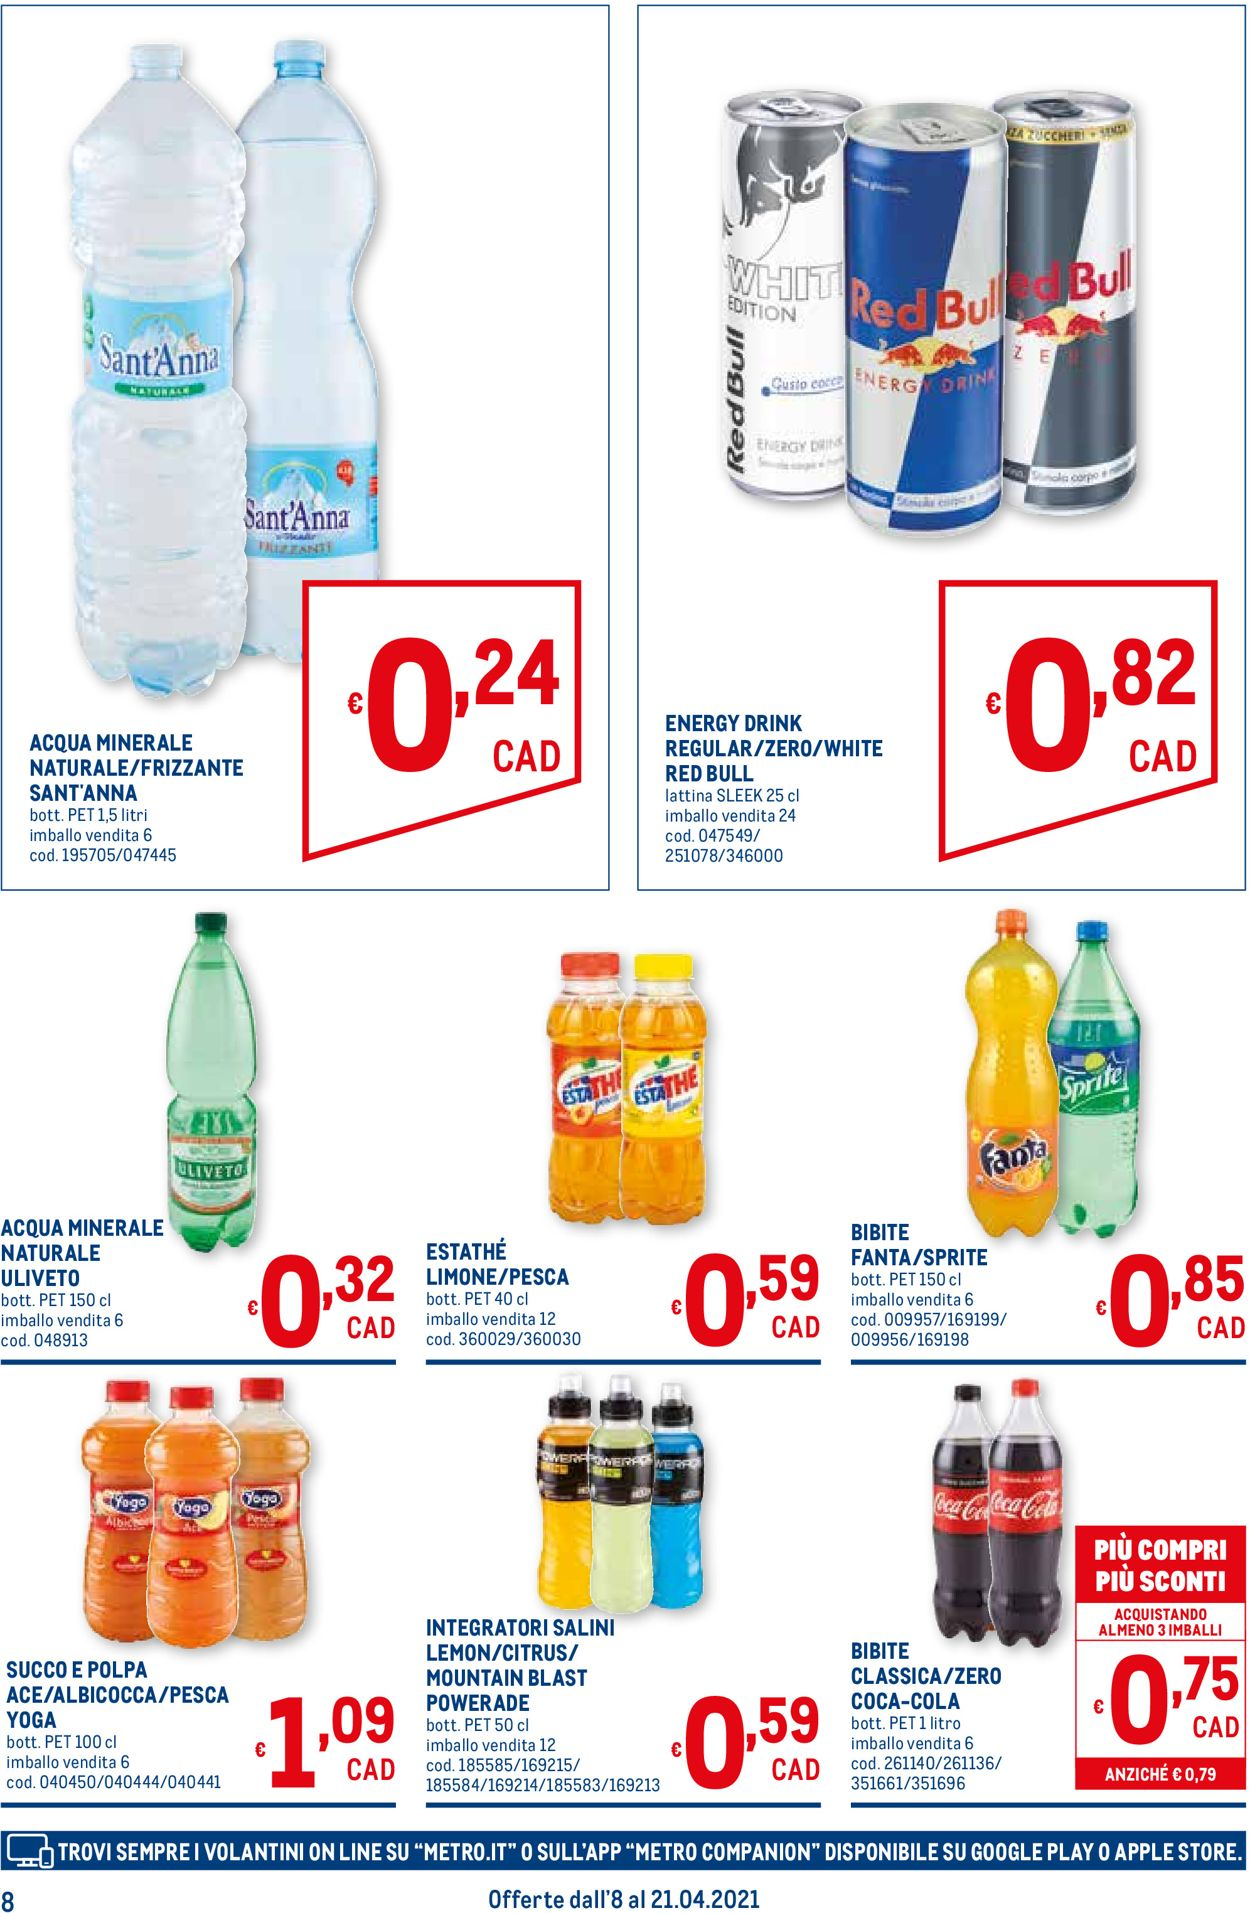 Volantino Metro - Offerte 08/04-21/04/2021 (Pagina 8)